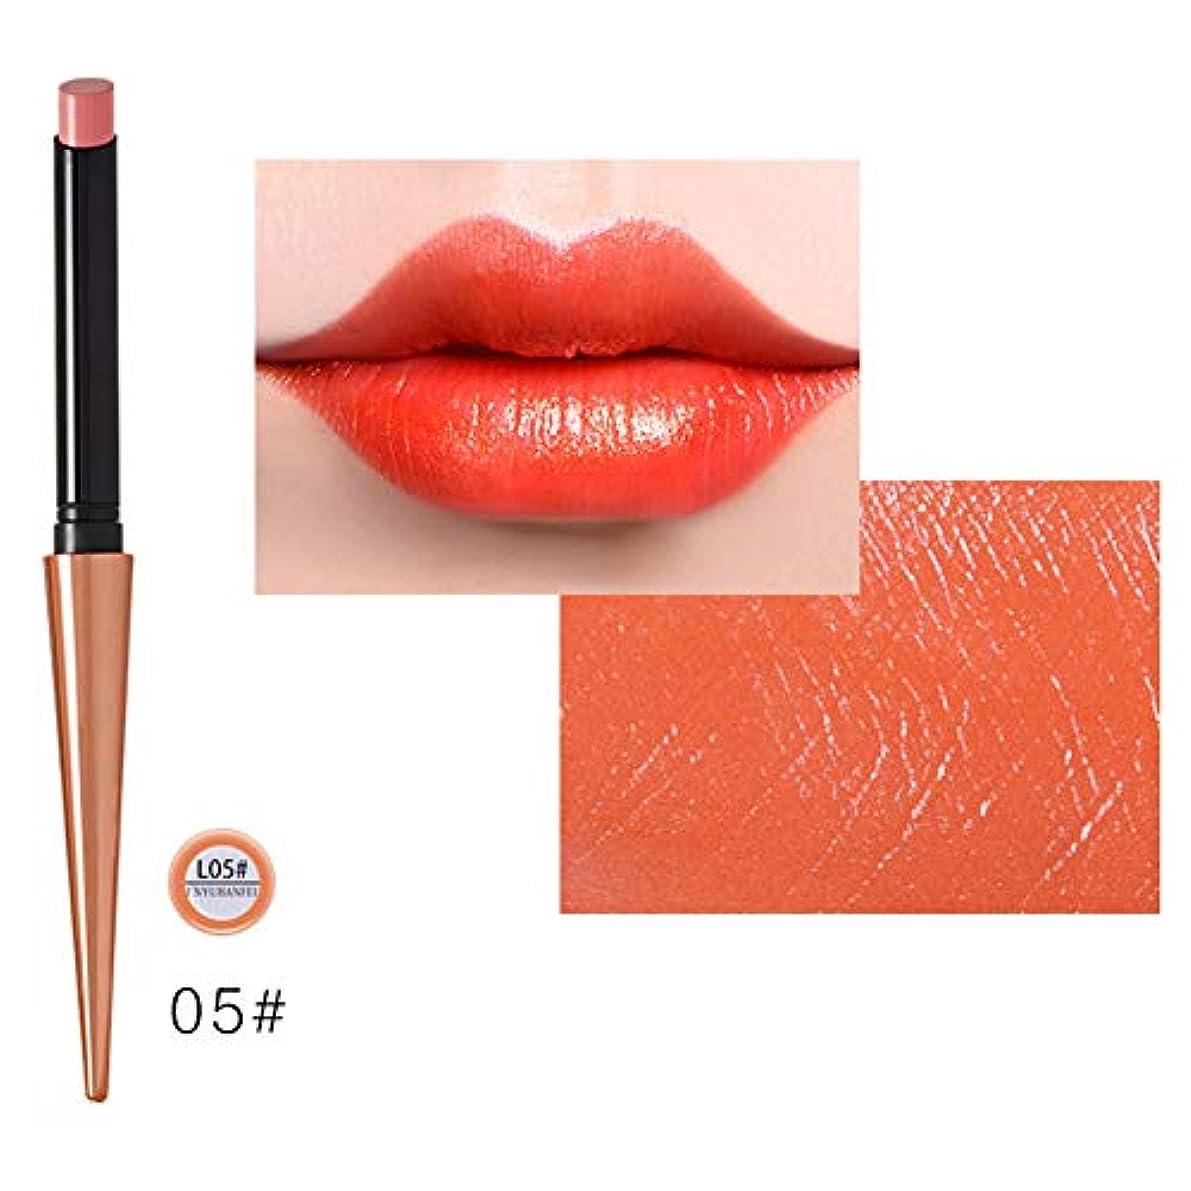 メールを書くマスクサーフィン口紅 リップマット リップティント リップスティック リップグロス つや消し 防水 長続き 唇の化粧品 化粧品 10色 Cutelove